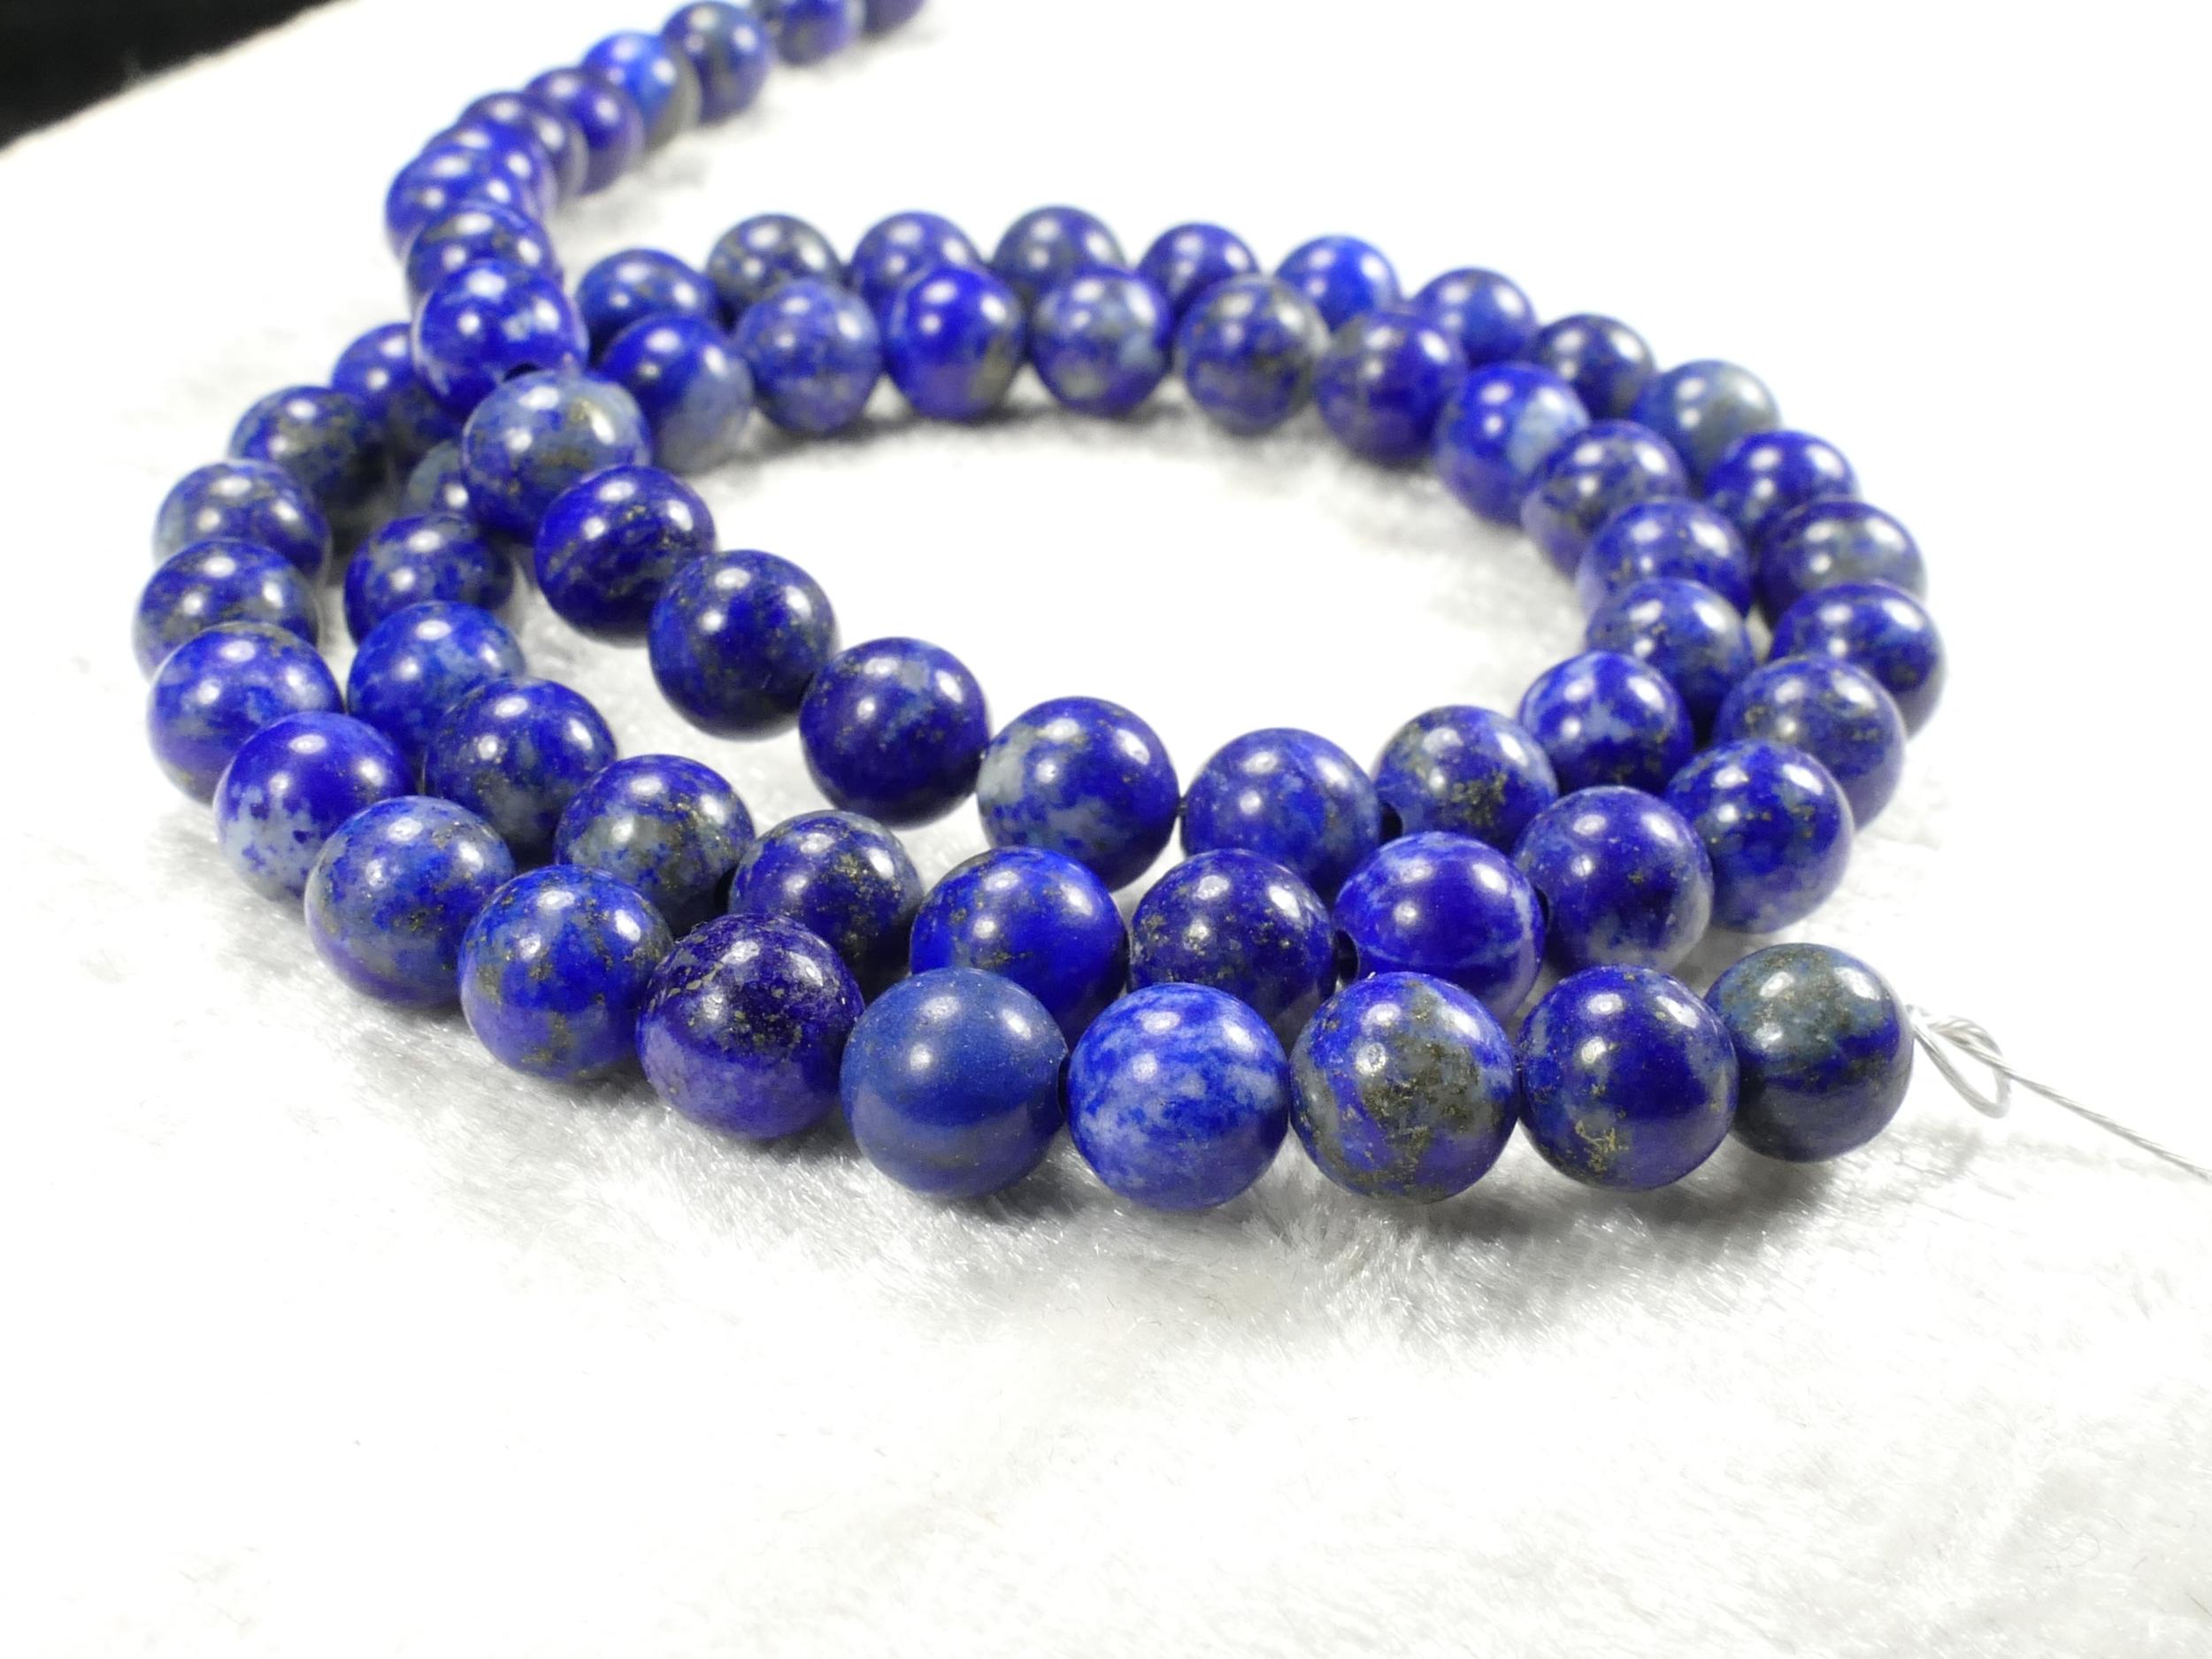 6mm Perles Lapis lazuli entièrement naturel en boule ronde lisse d\'Afghanistan x26pc (#AC506)